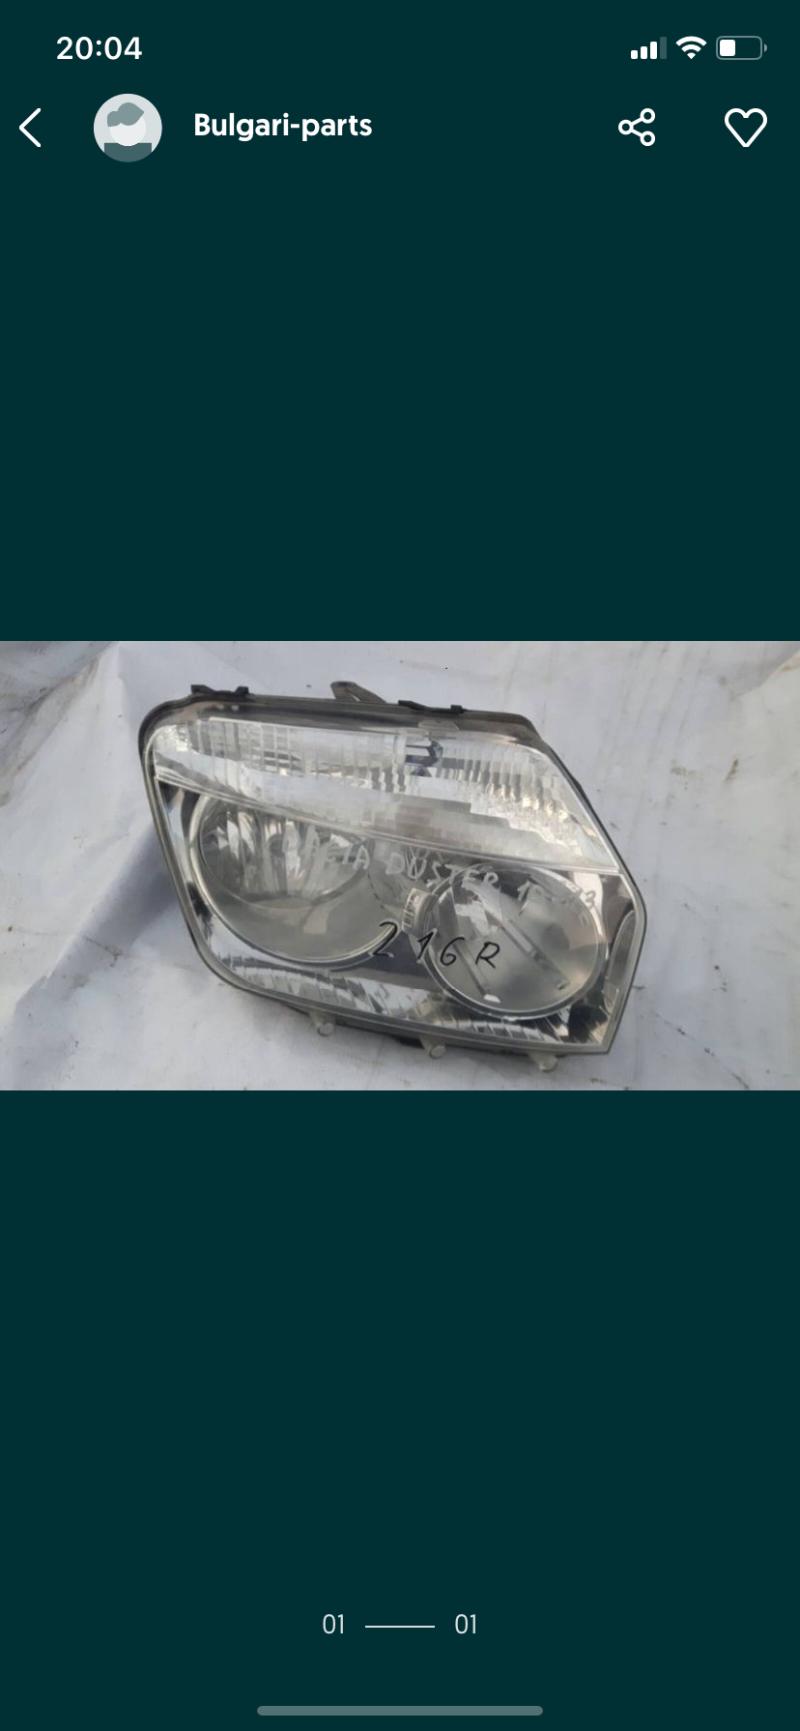 фар десен Dacia Duster 2010-2013 R #216